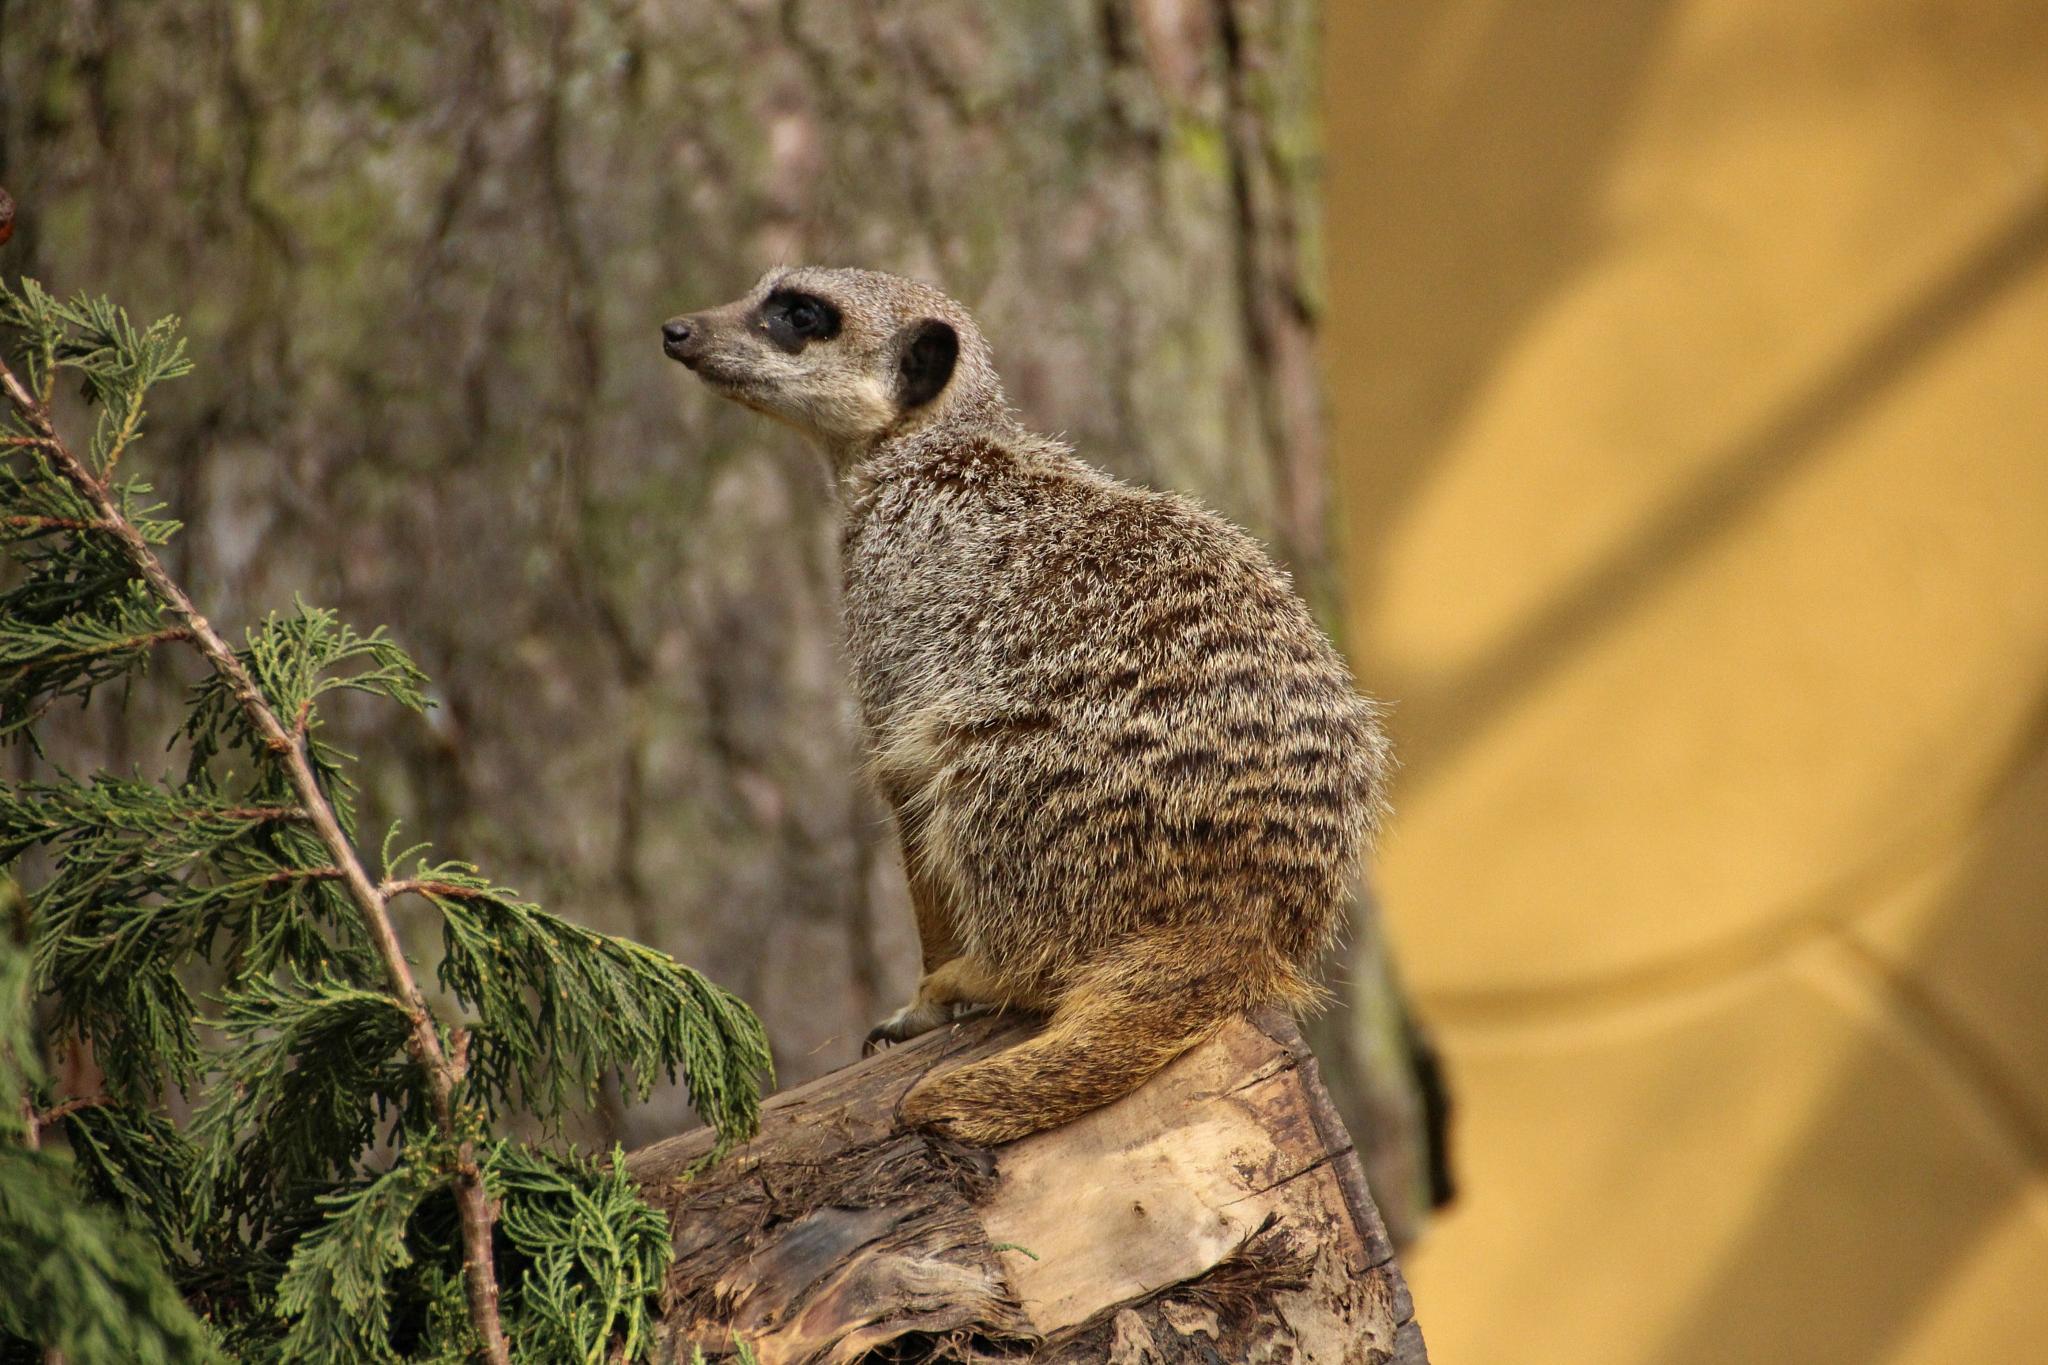 Meerkat by Dacki76